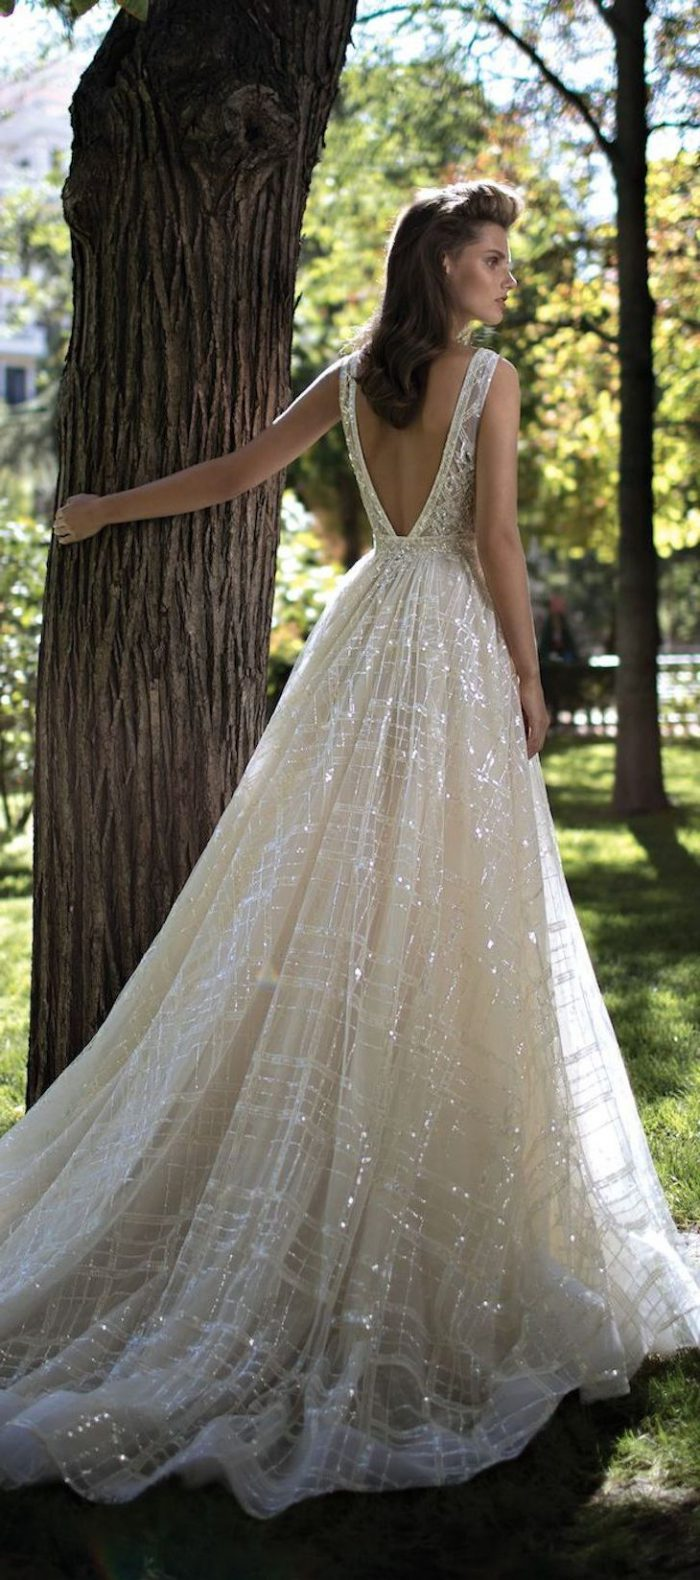 My favorite wedding dresses in 2021